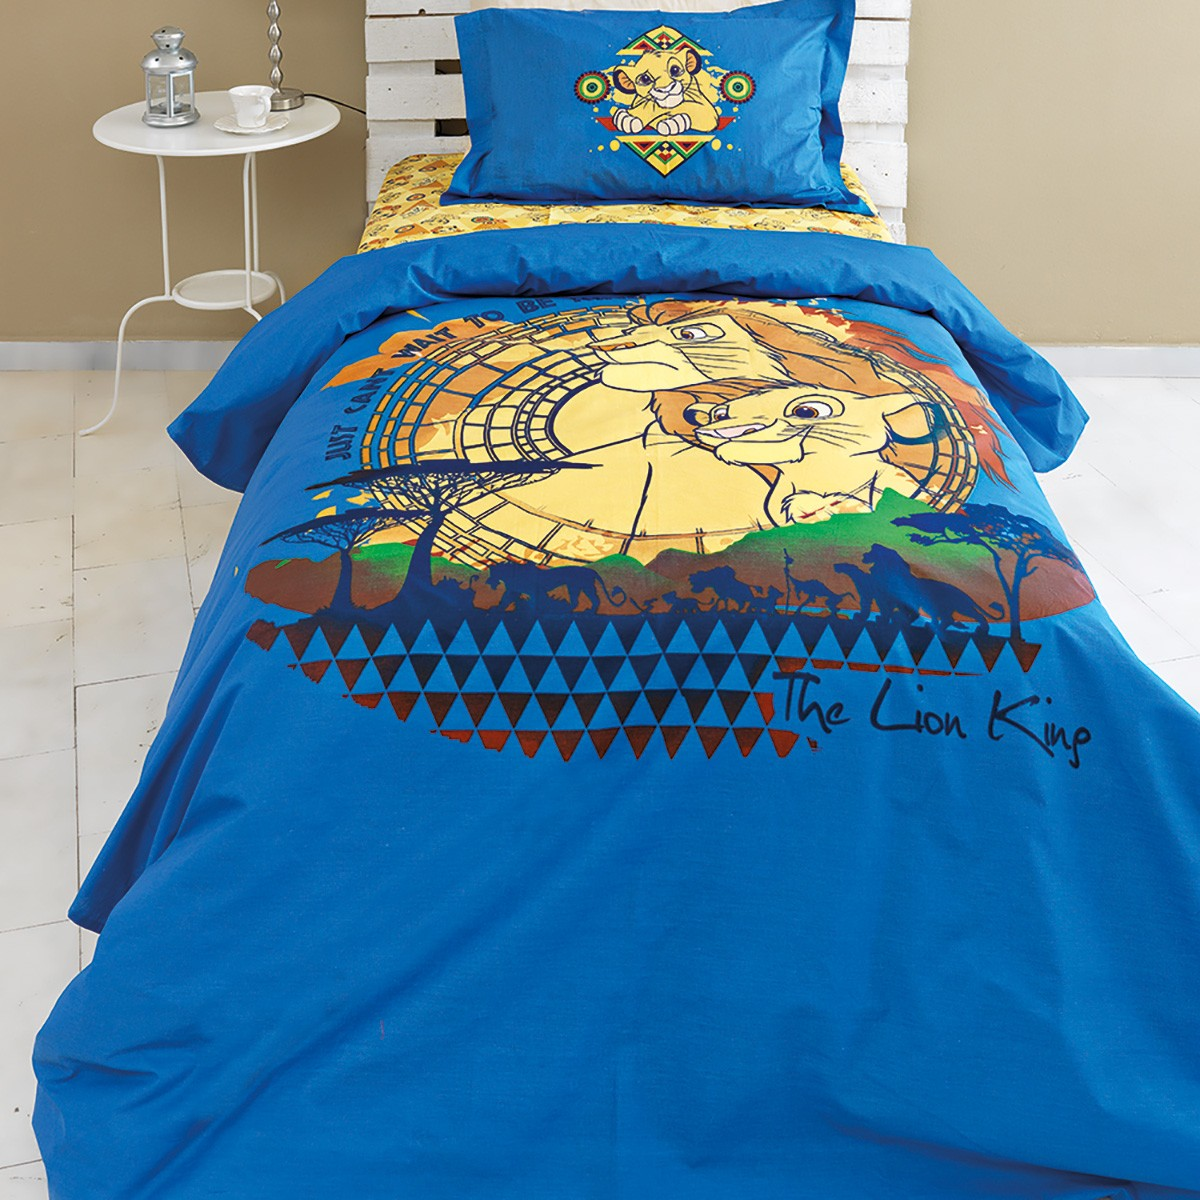 Σεντόνια Μονά (Σετ) Palamaiki Disney Lion King Με Λάστιχο Με Λάστιχο